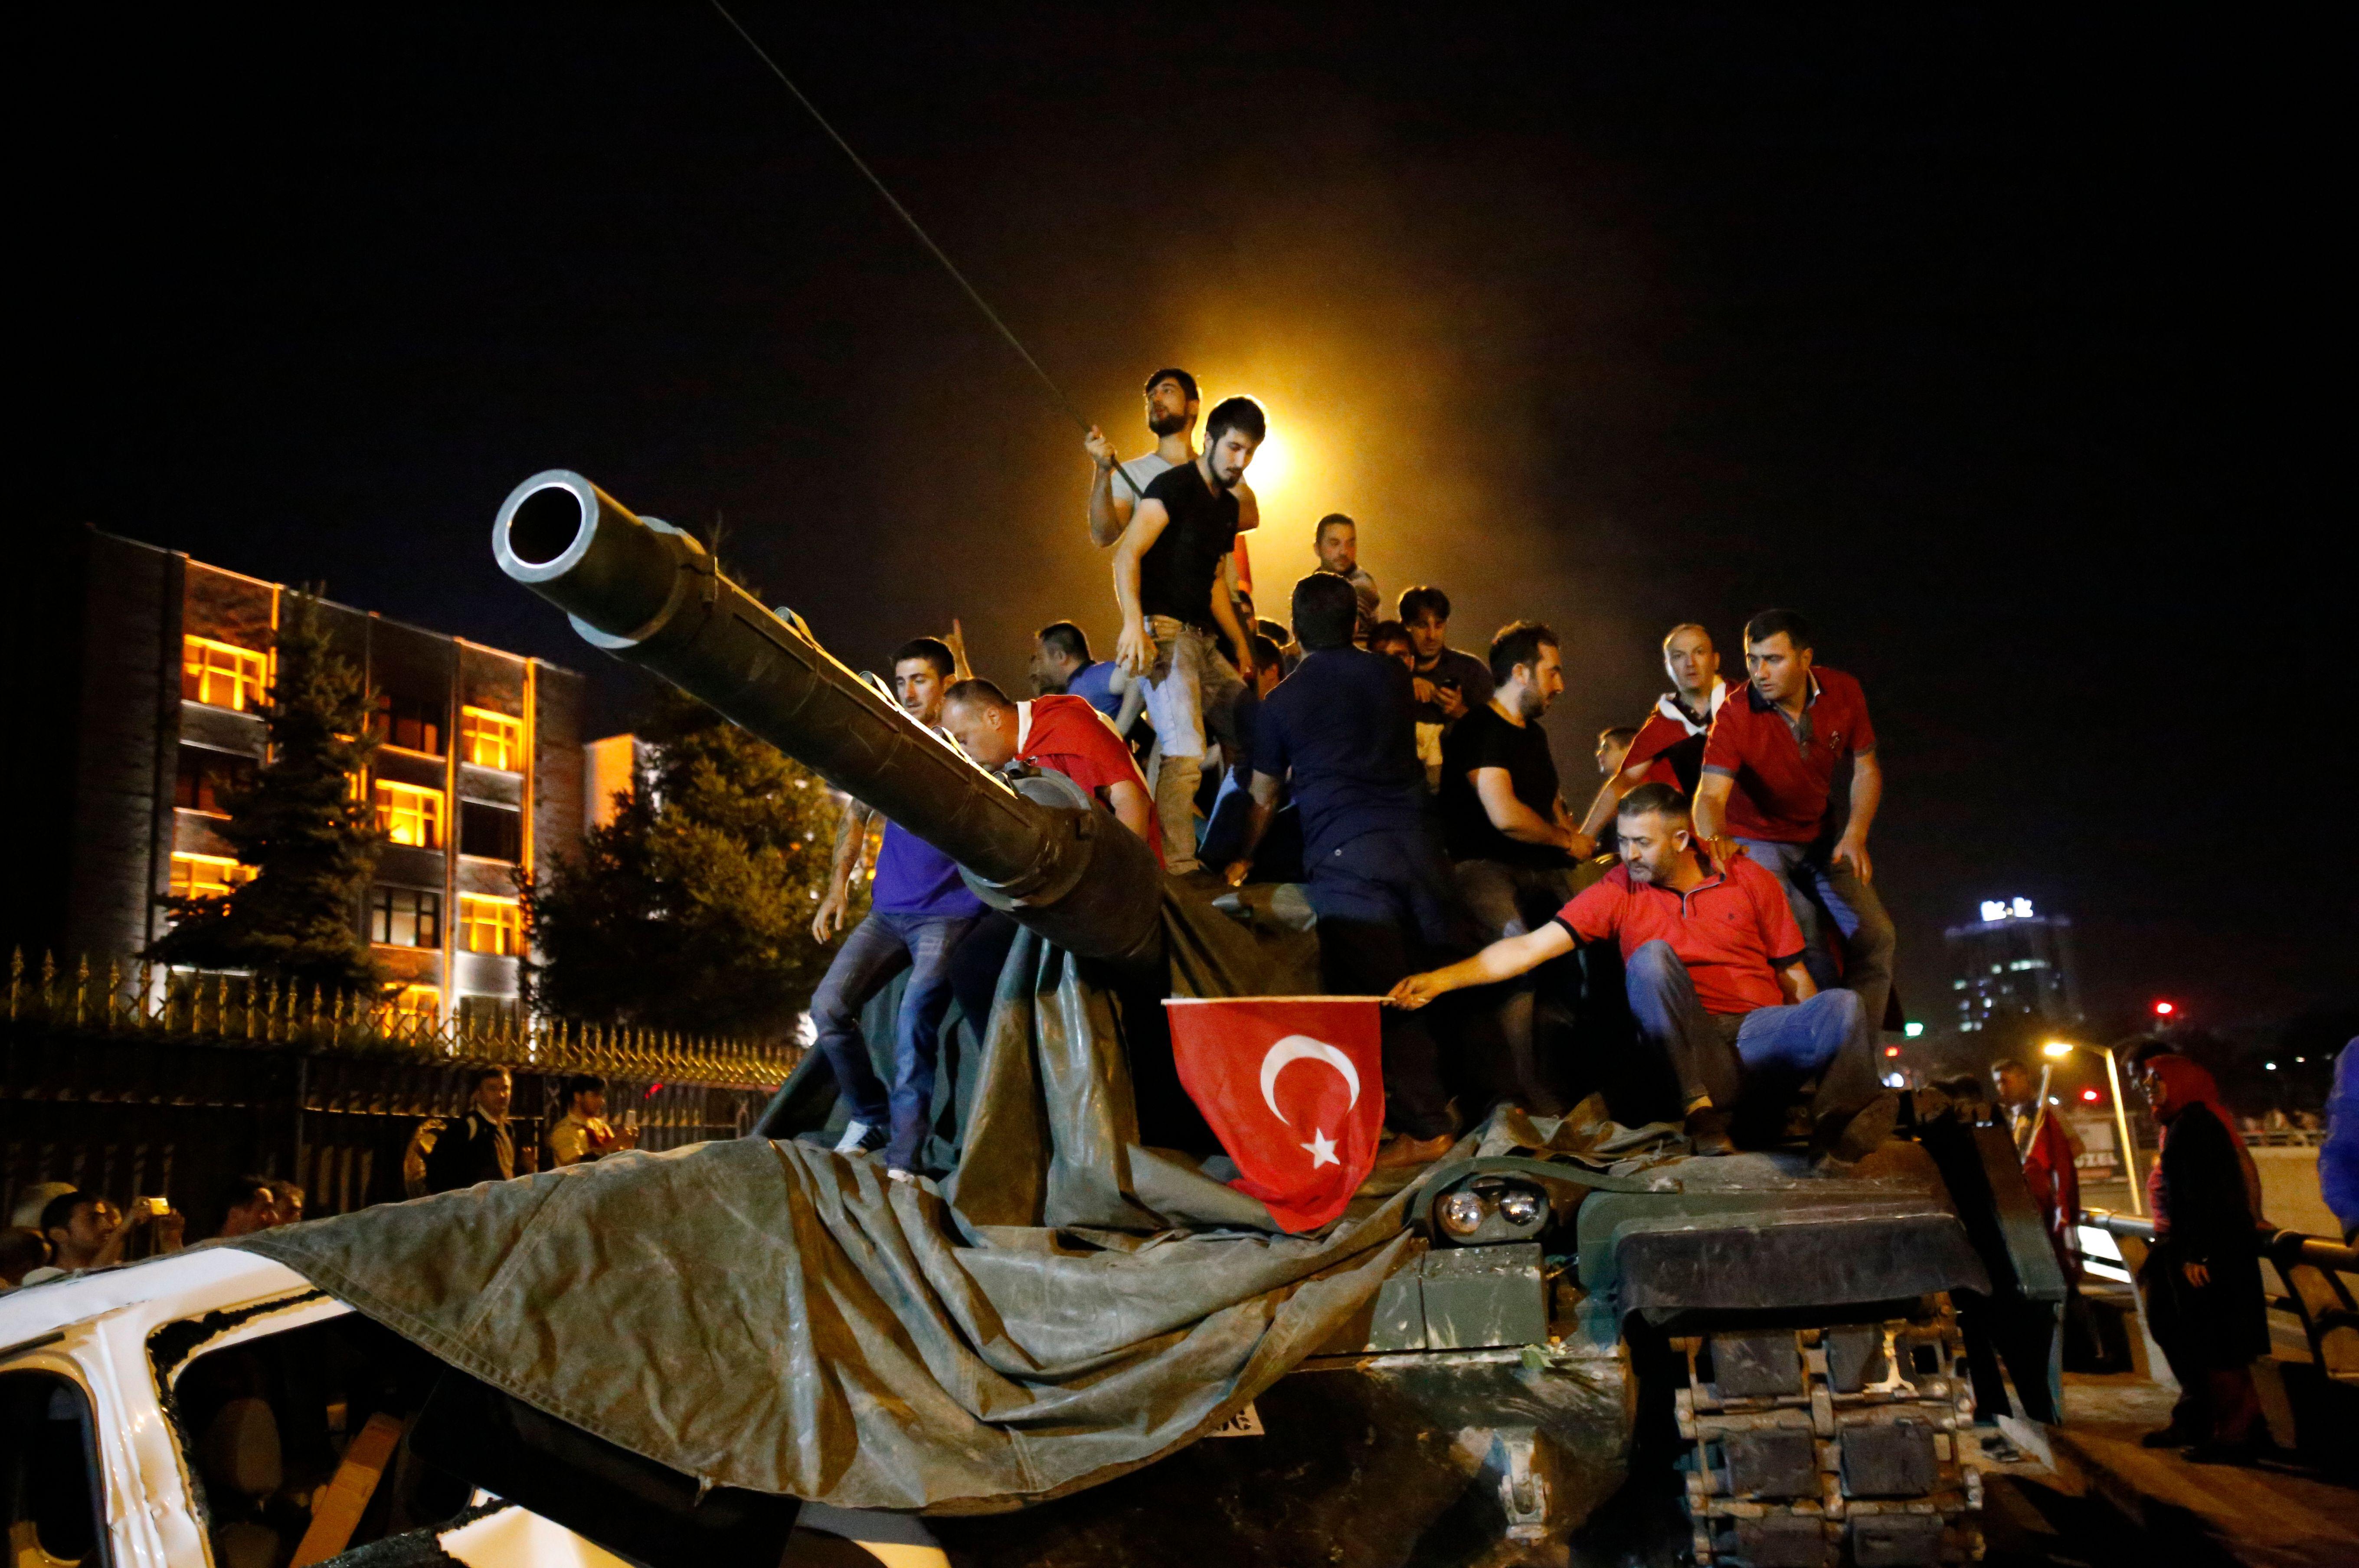 Coup d'Etat en Turquie : pourquoi les racines de la révolte de l'armée contre Erdogan sont nettement plus complexes qu'il n'y paraît